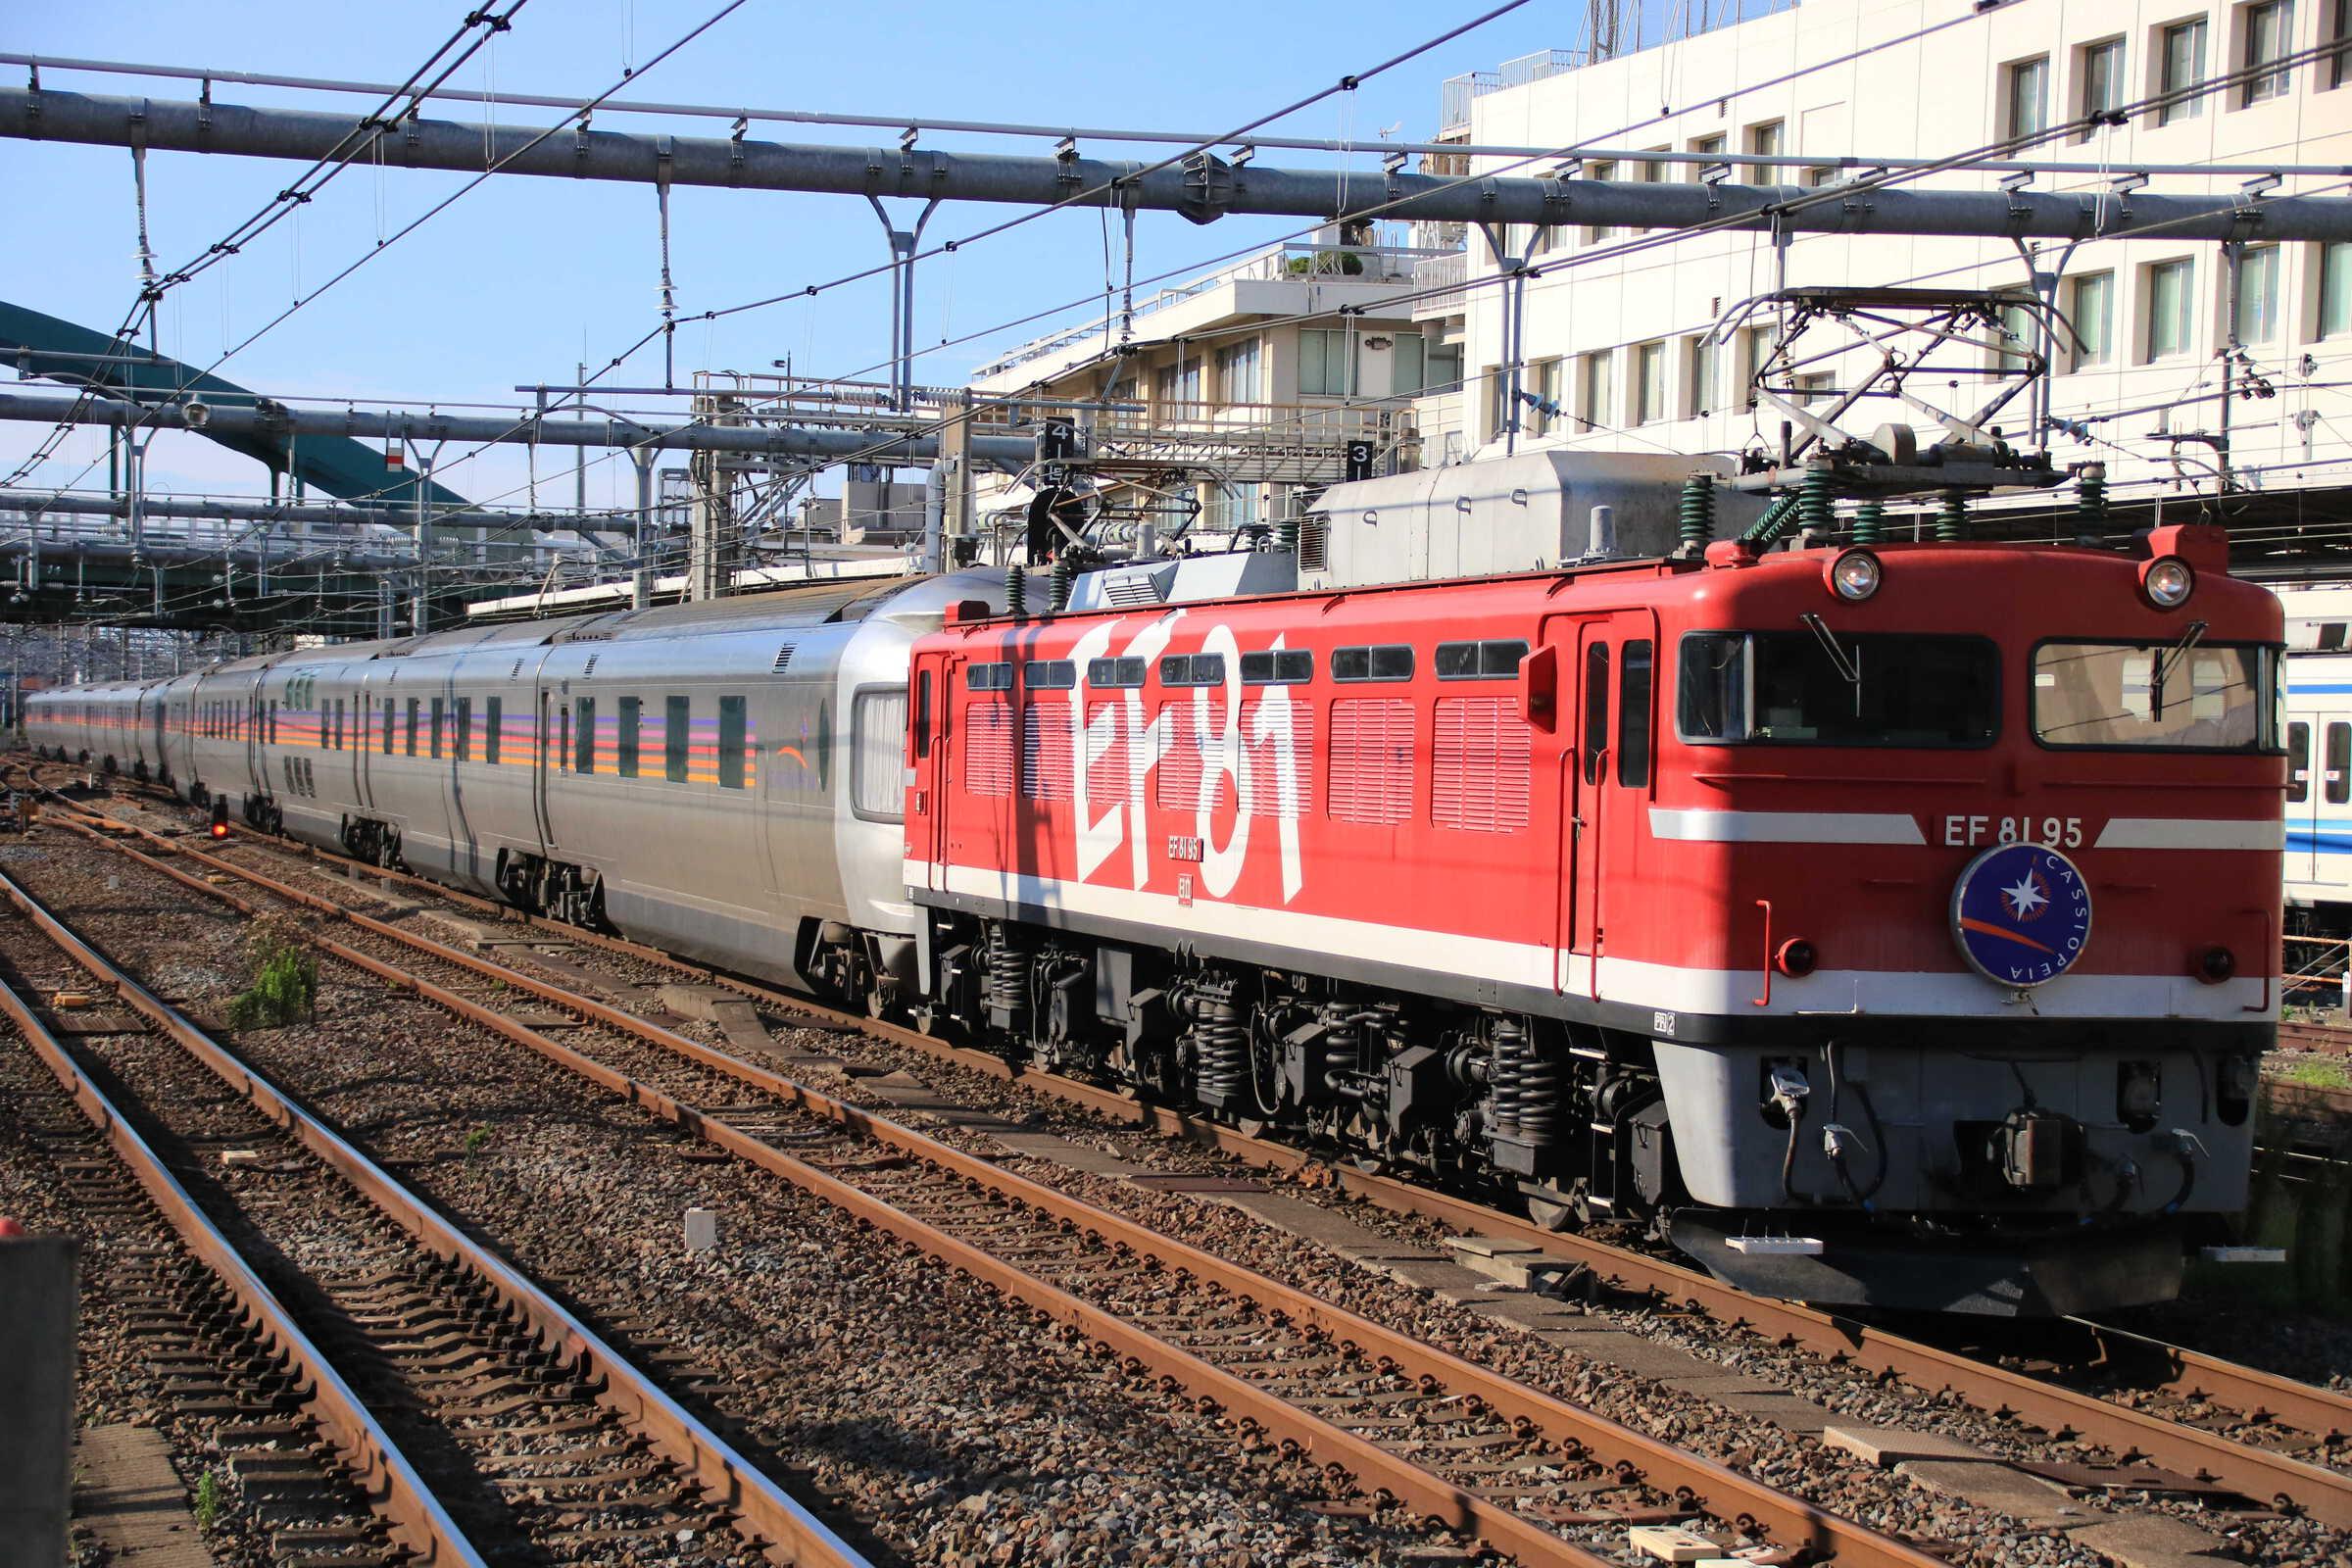 9028列車 団臨 カシオペアクルーズ 上野行き EF81-95②[田]+E26系 東オク車12両